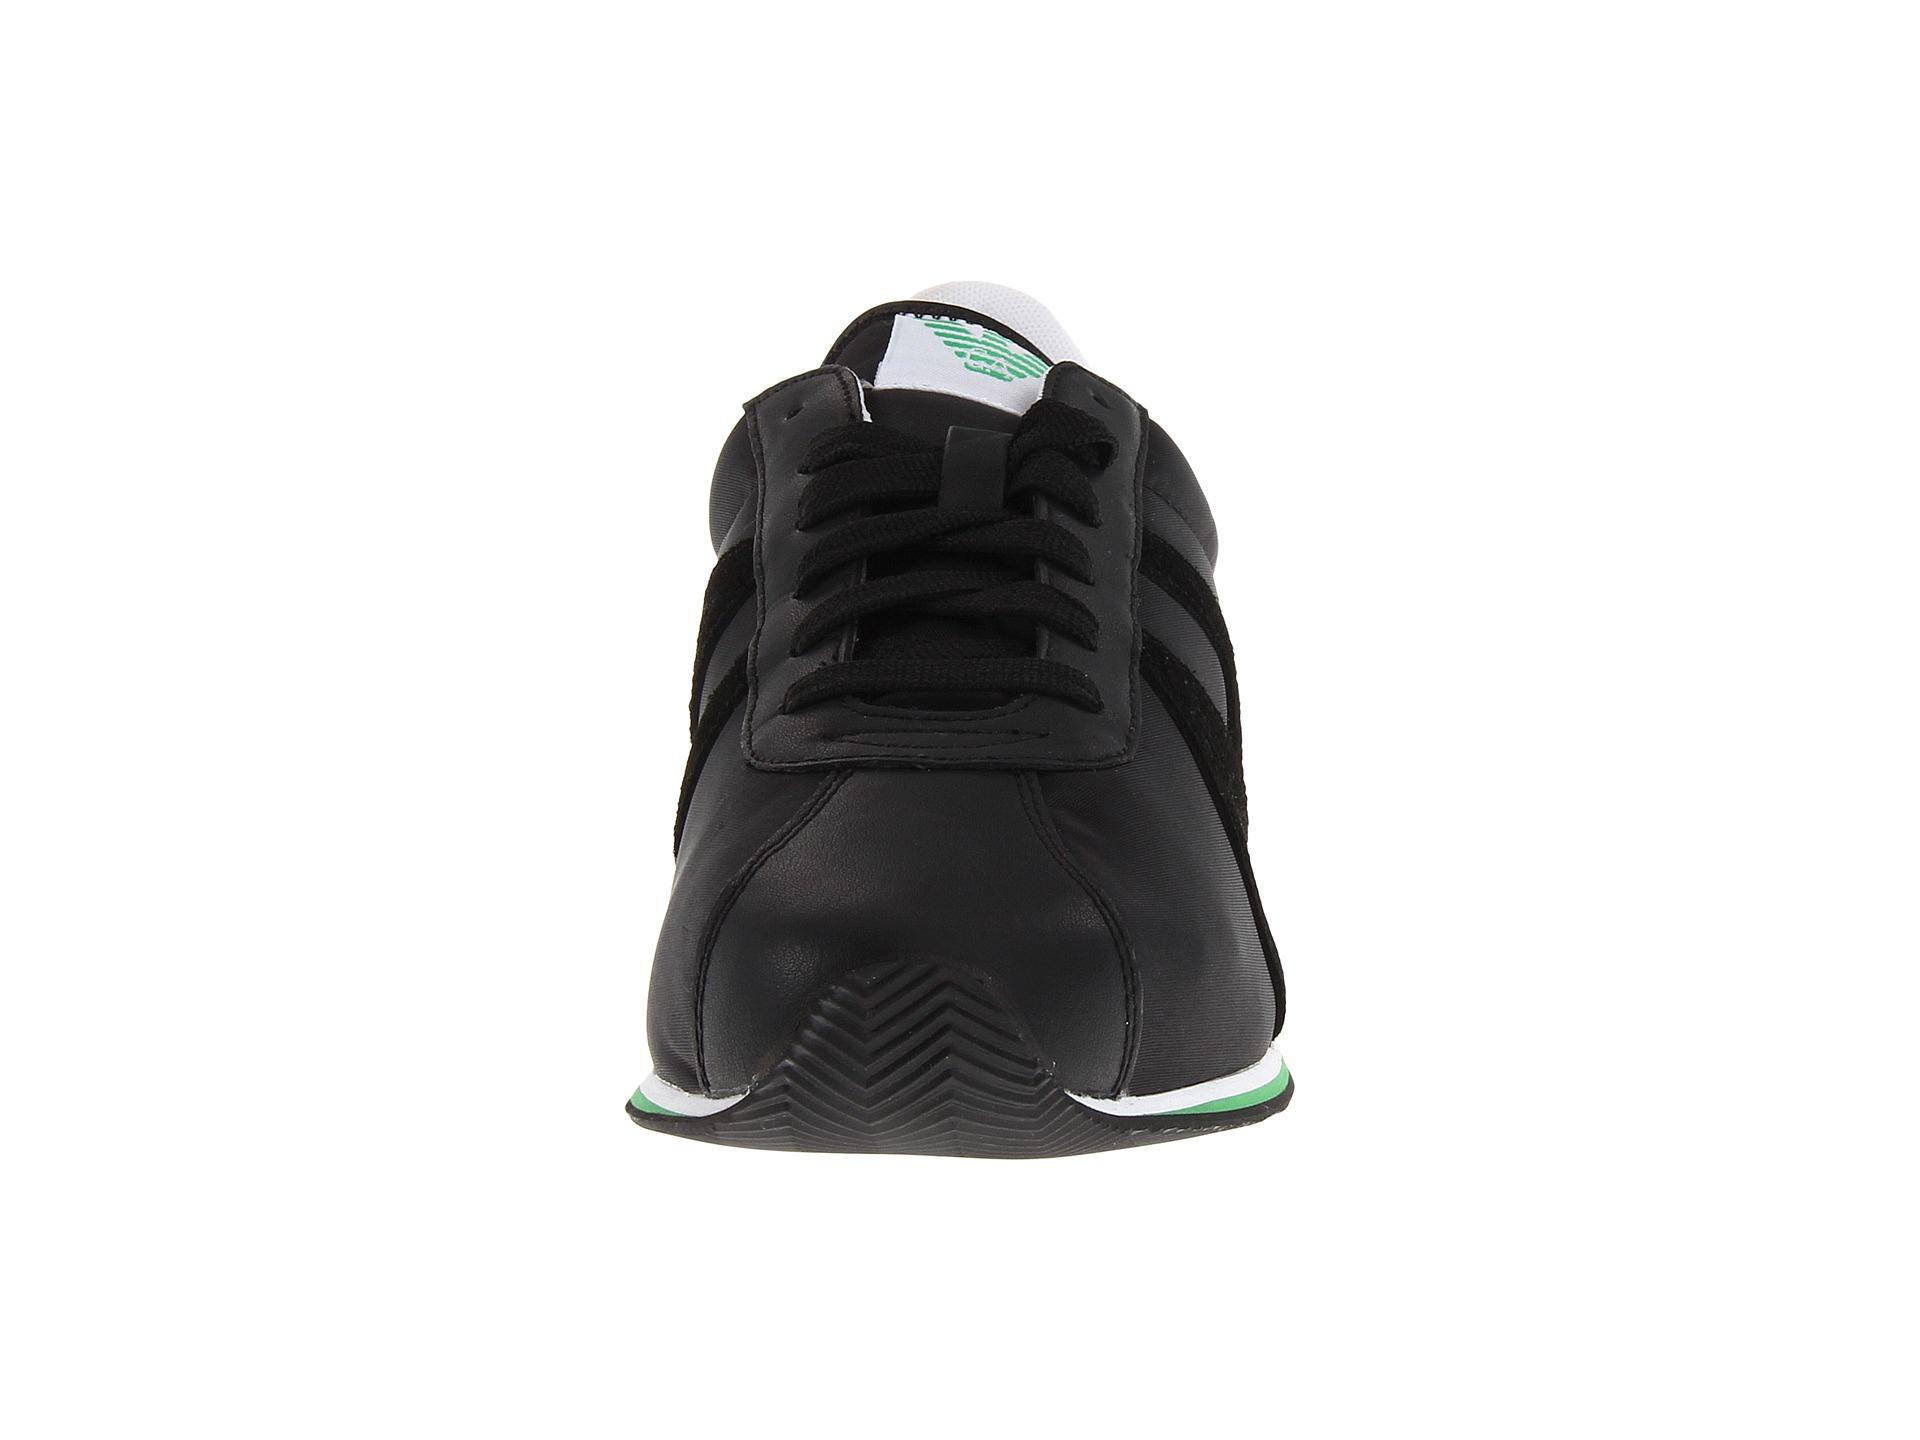 Мужские кроссовки, кеды Armani Jeans Lace Up Trainer - Вид 6.